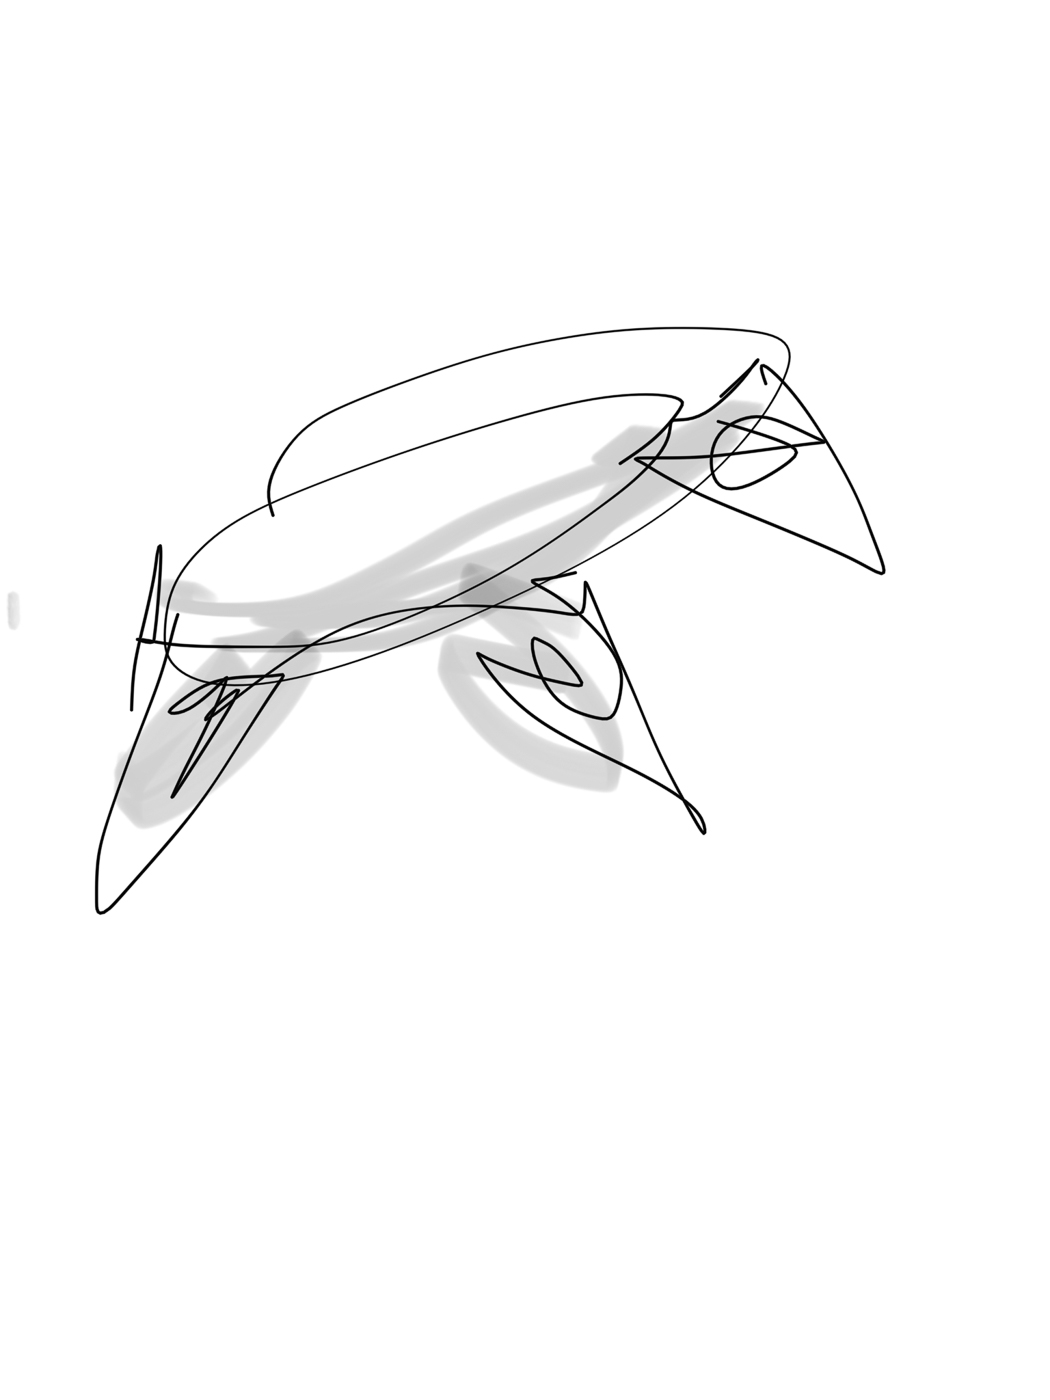 Sketch-490.jpg